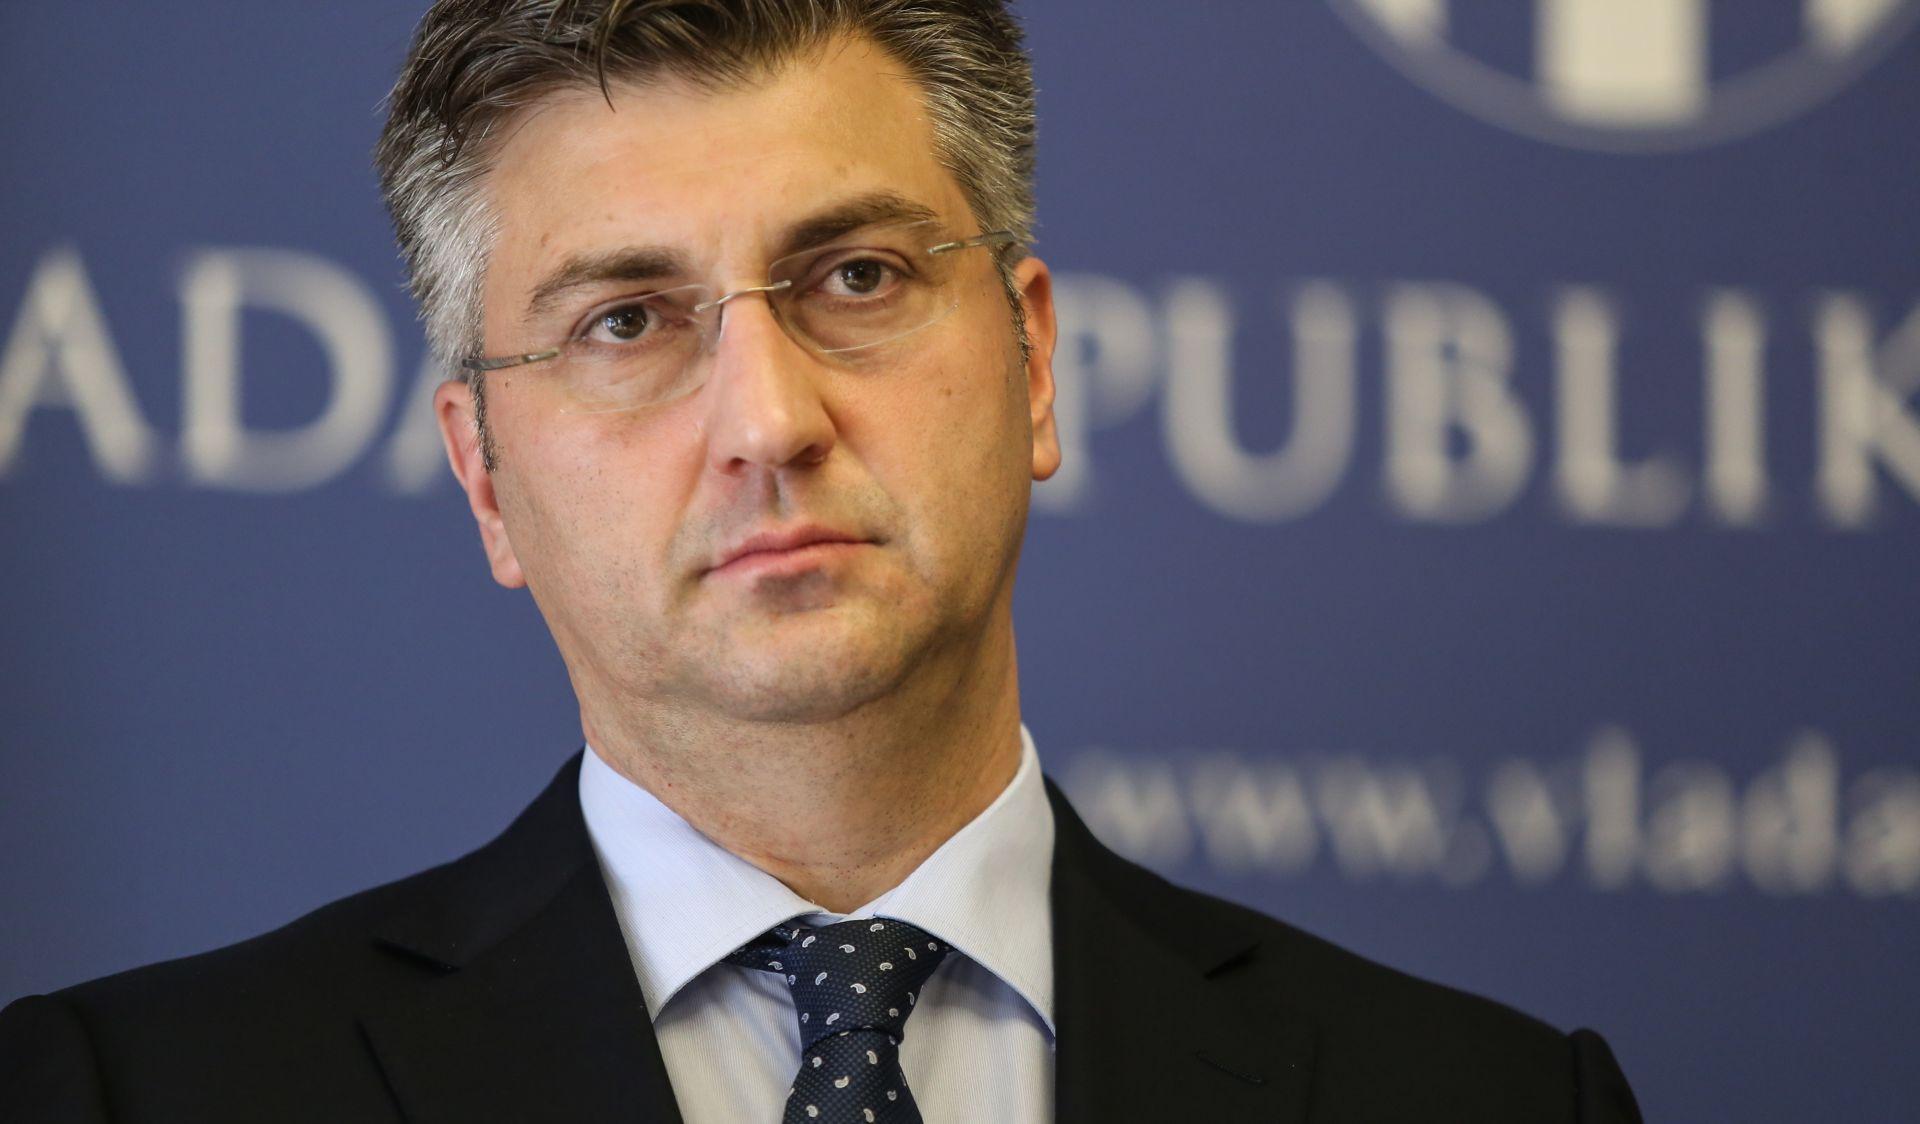 PLENKOVIĆ 'Hrvatska javnost i birači znat će procijeniti tko je faktor stabilnosti, a tko zlorabi institucije'